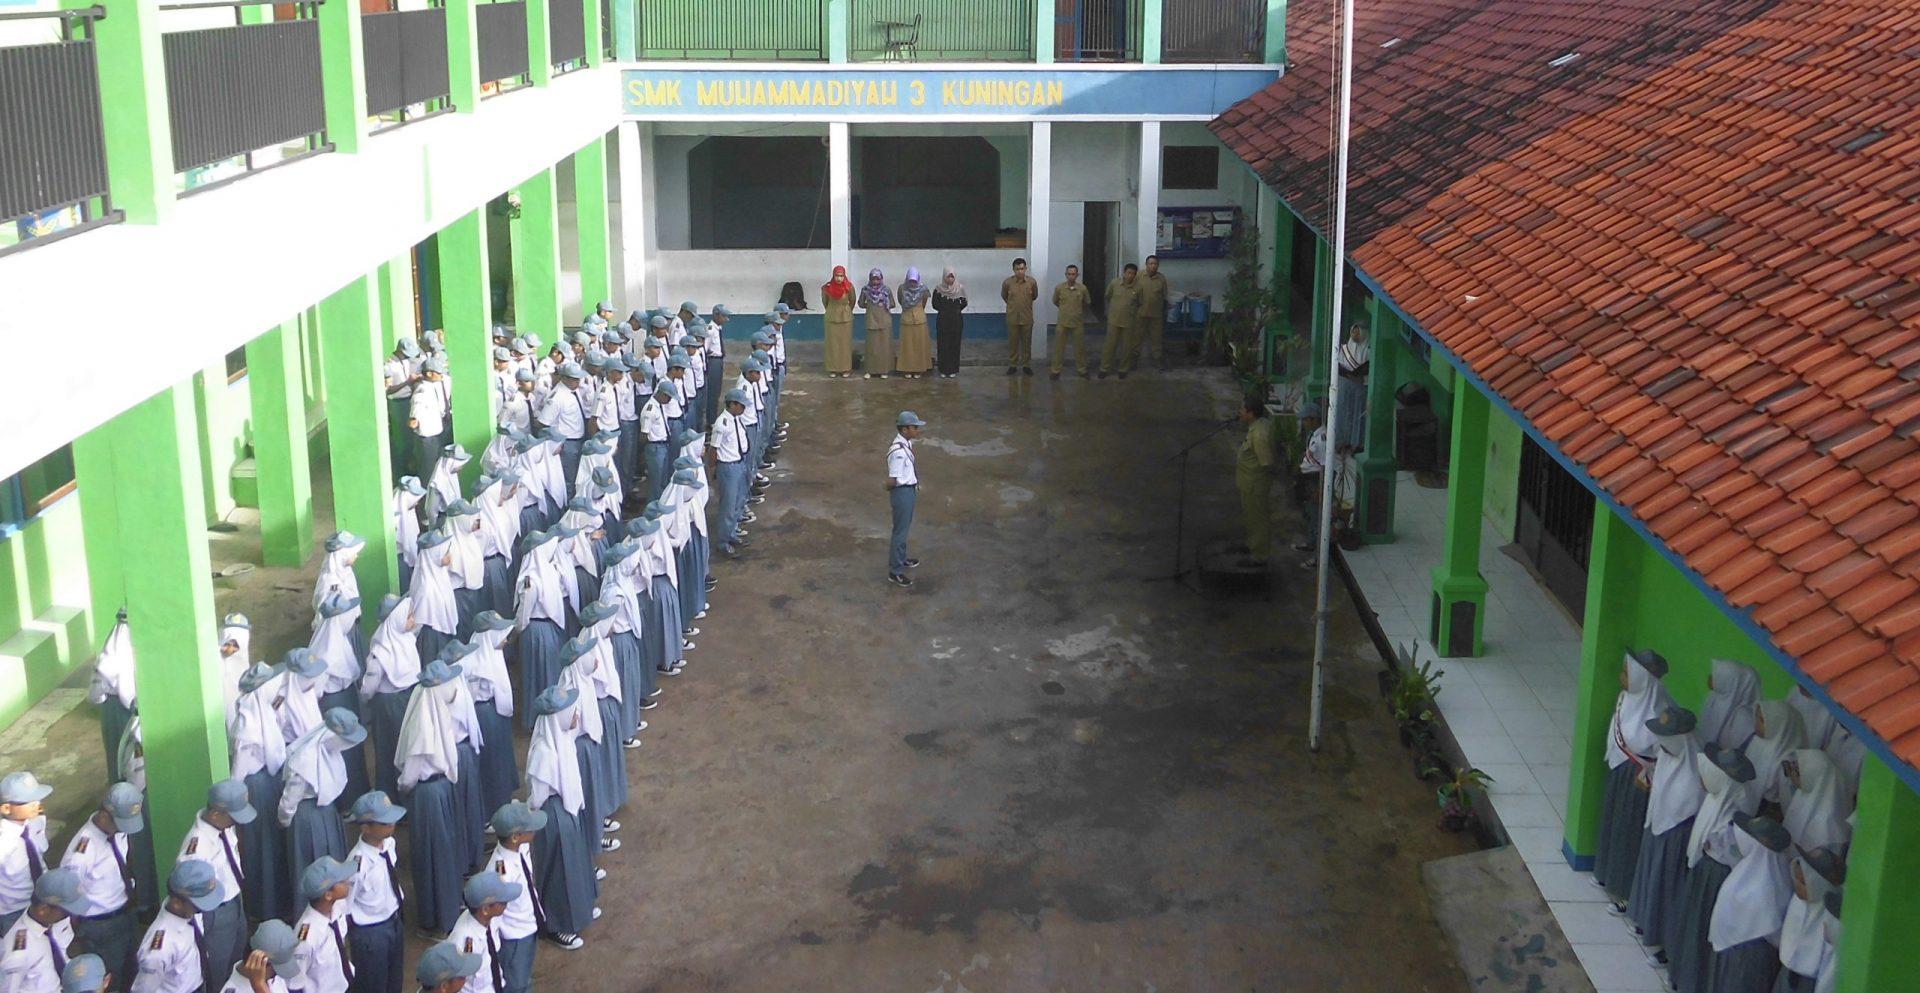 SMK Muhammadiyah 3 Kuningan